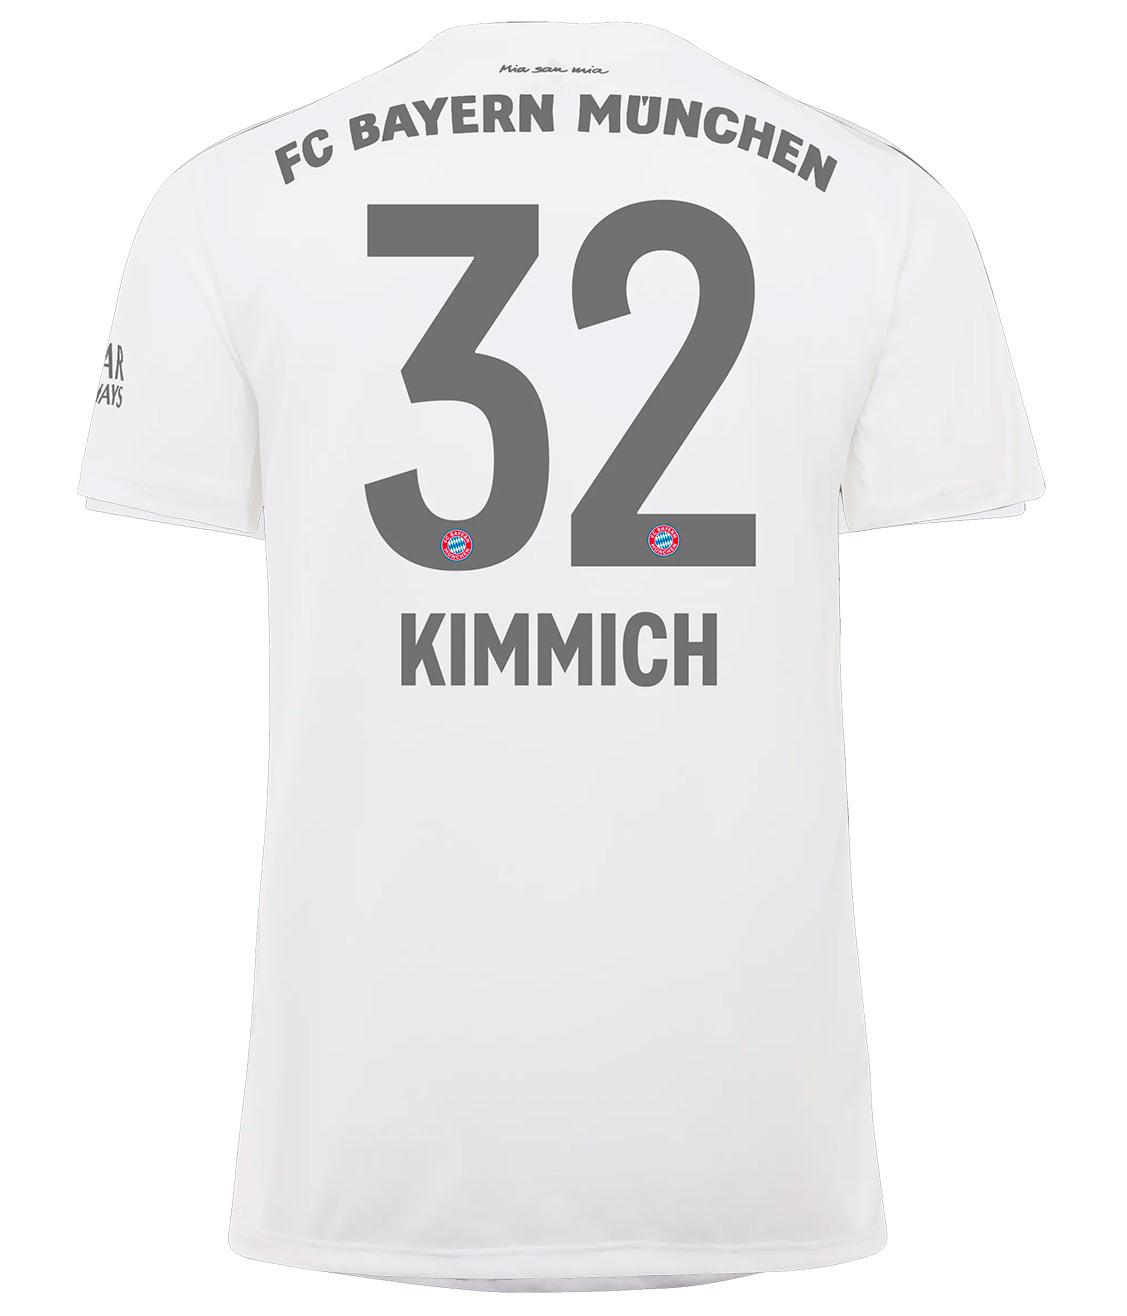 Maglia Bayern Monaco 2019-2020 con la trama dell'Allianz Arena